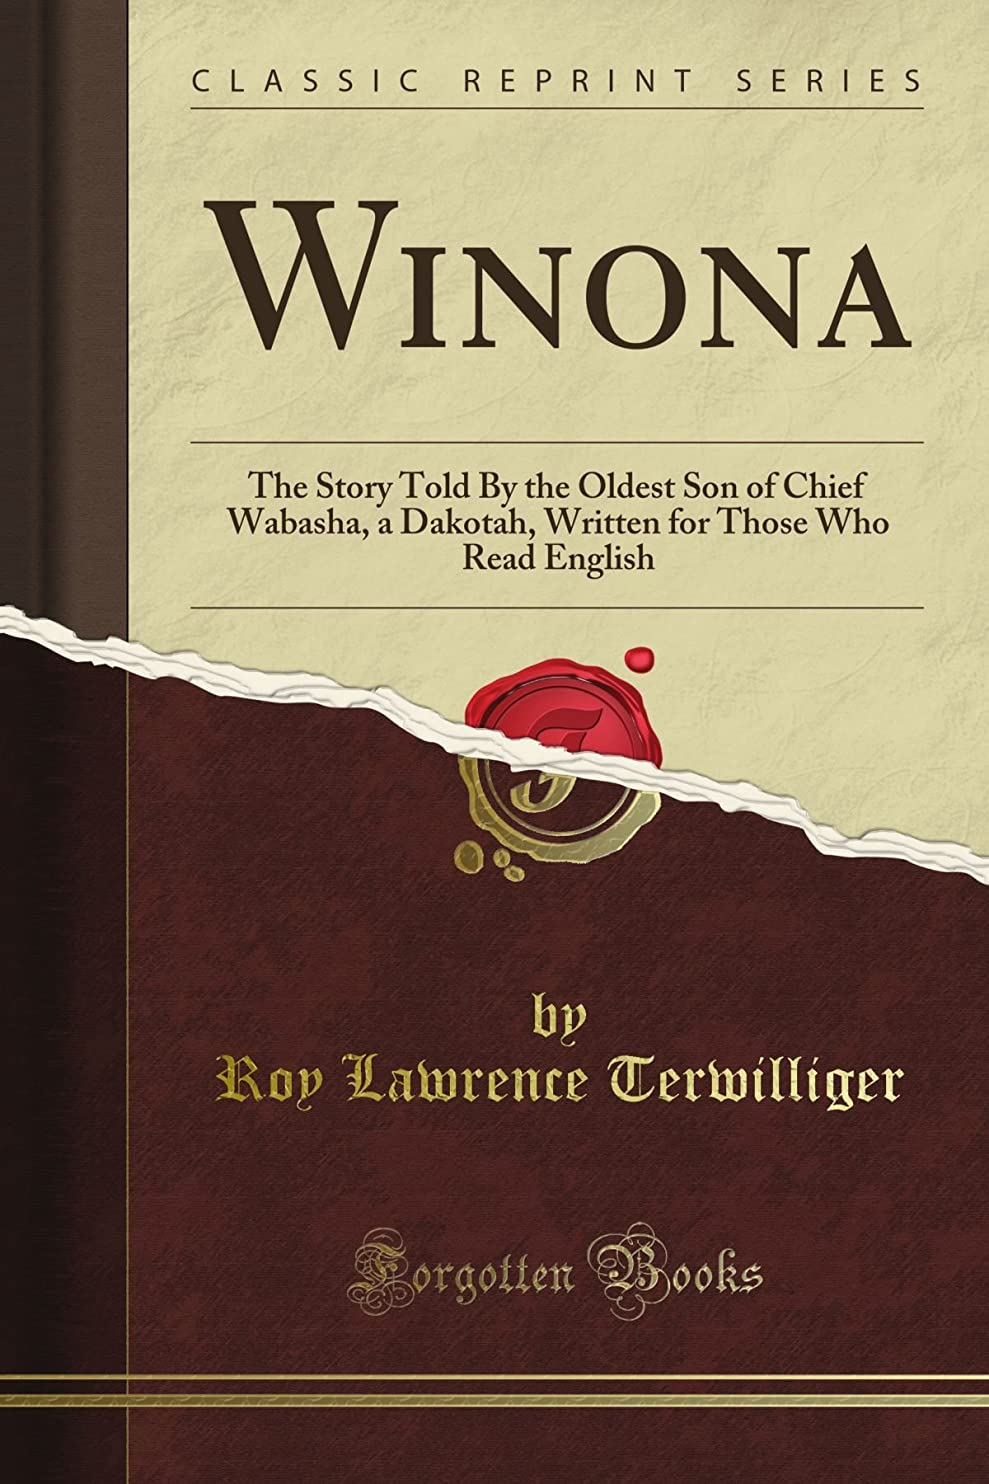 レディ箱別々にWinona: The Story Told By the Oldest Son of Chief Wabasha, a Dakotah, Written for Those Who Read English (Classic Reprint)